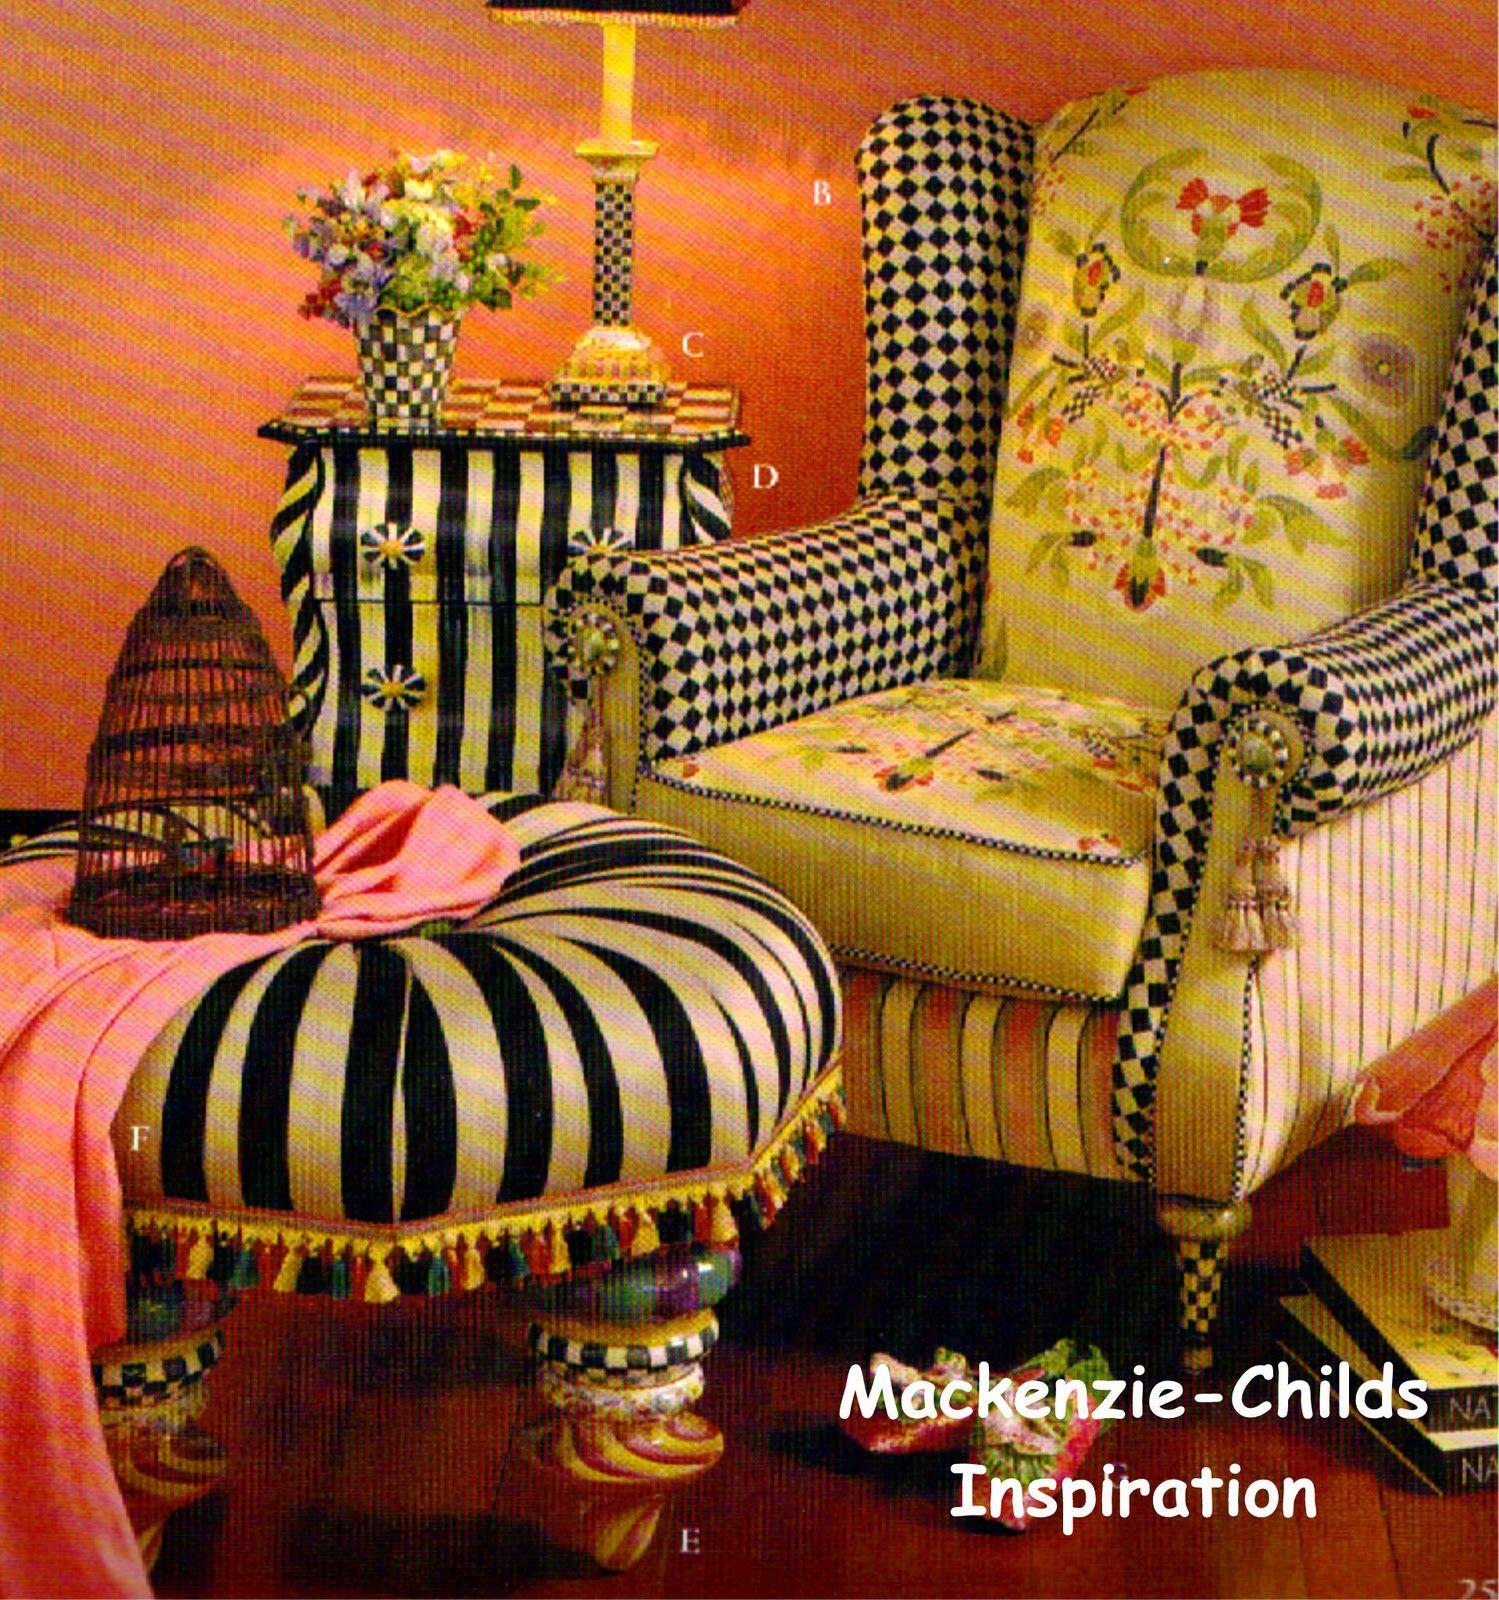 Beautiful Explore Mackenzie Childs Inspired And More!